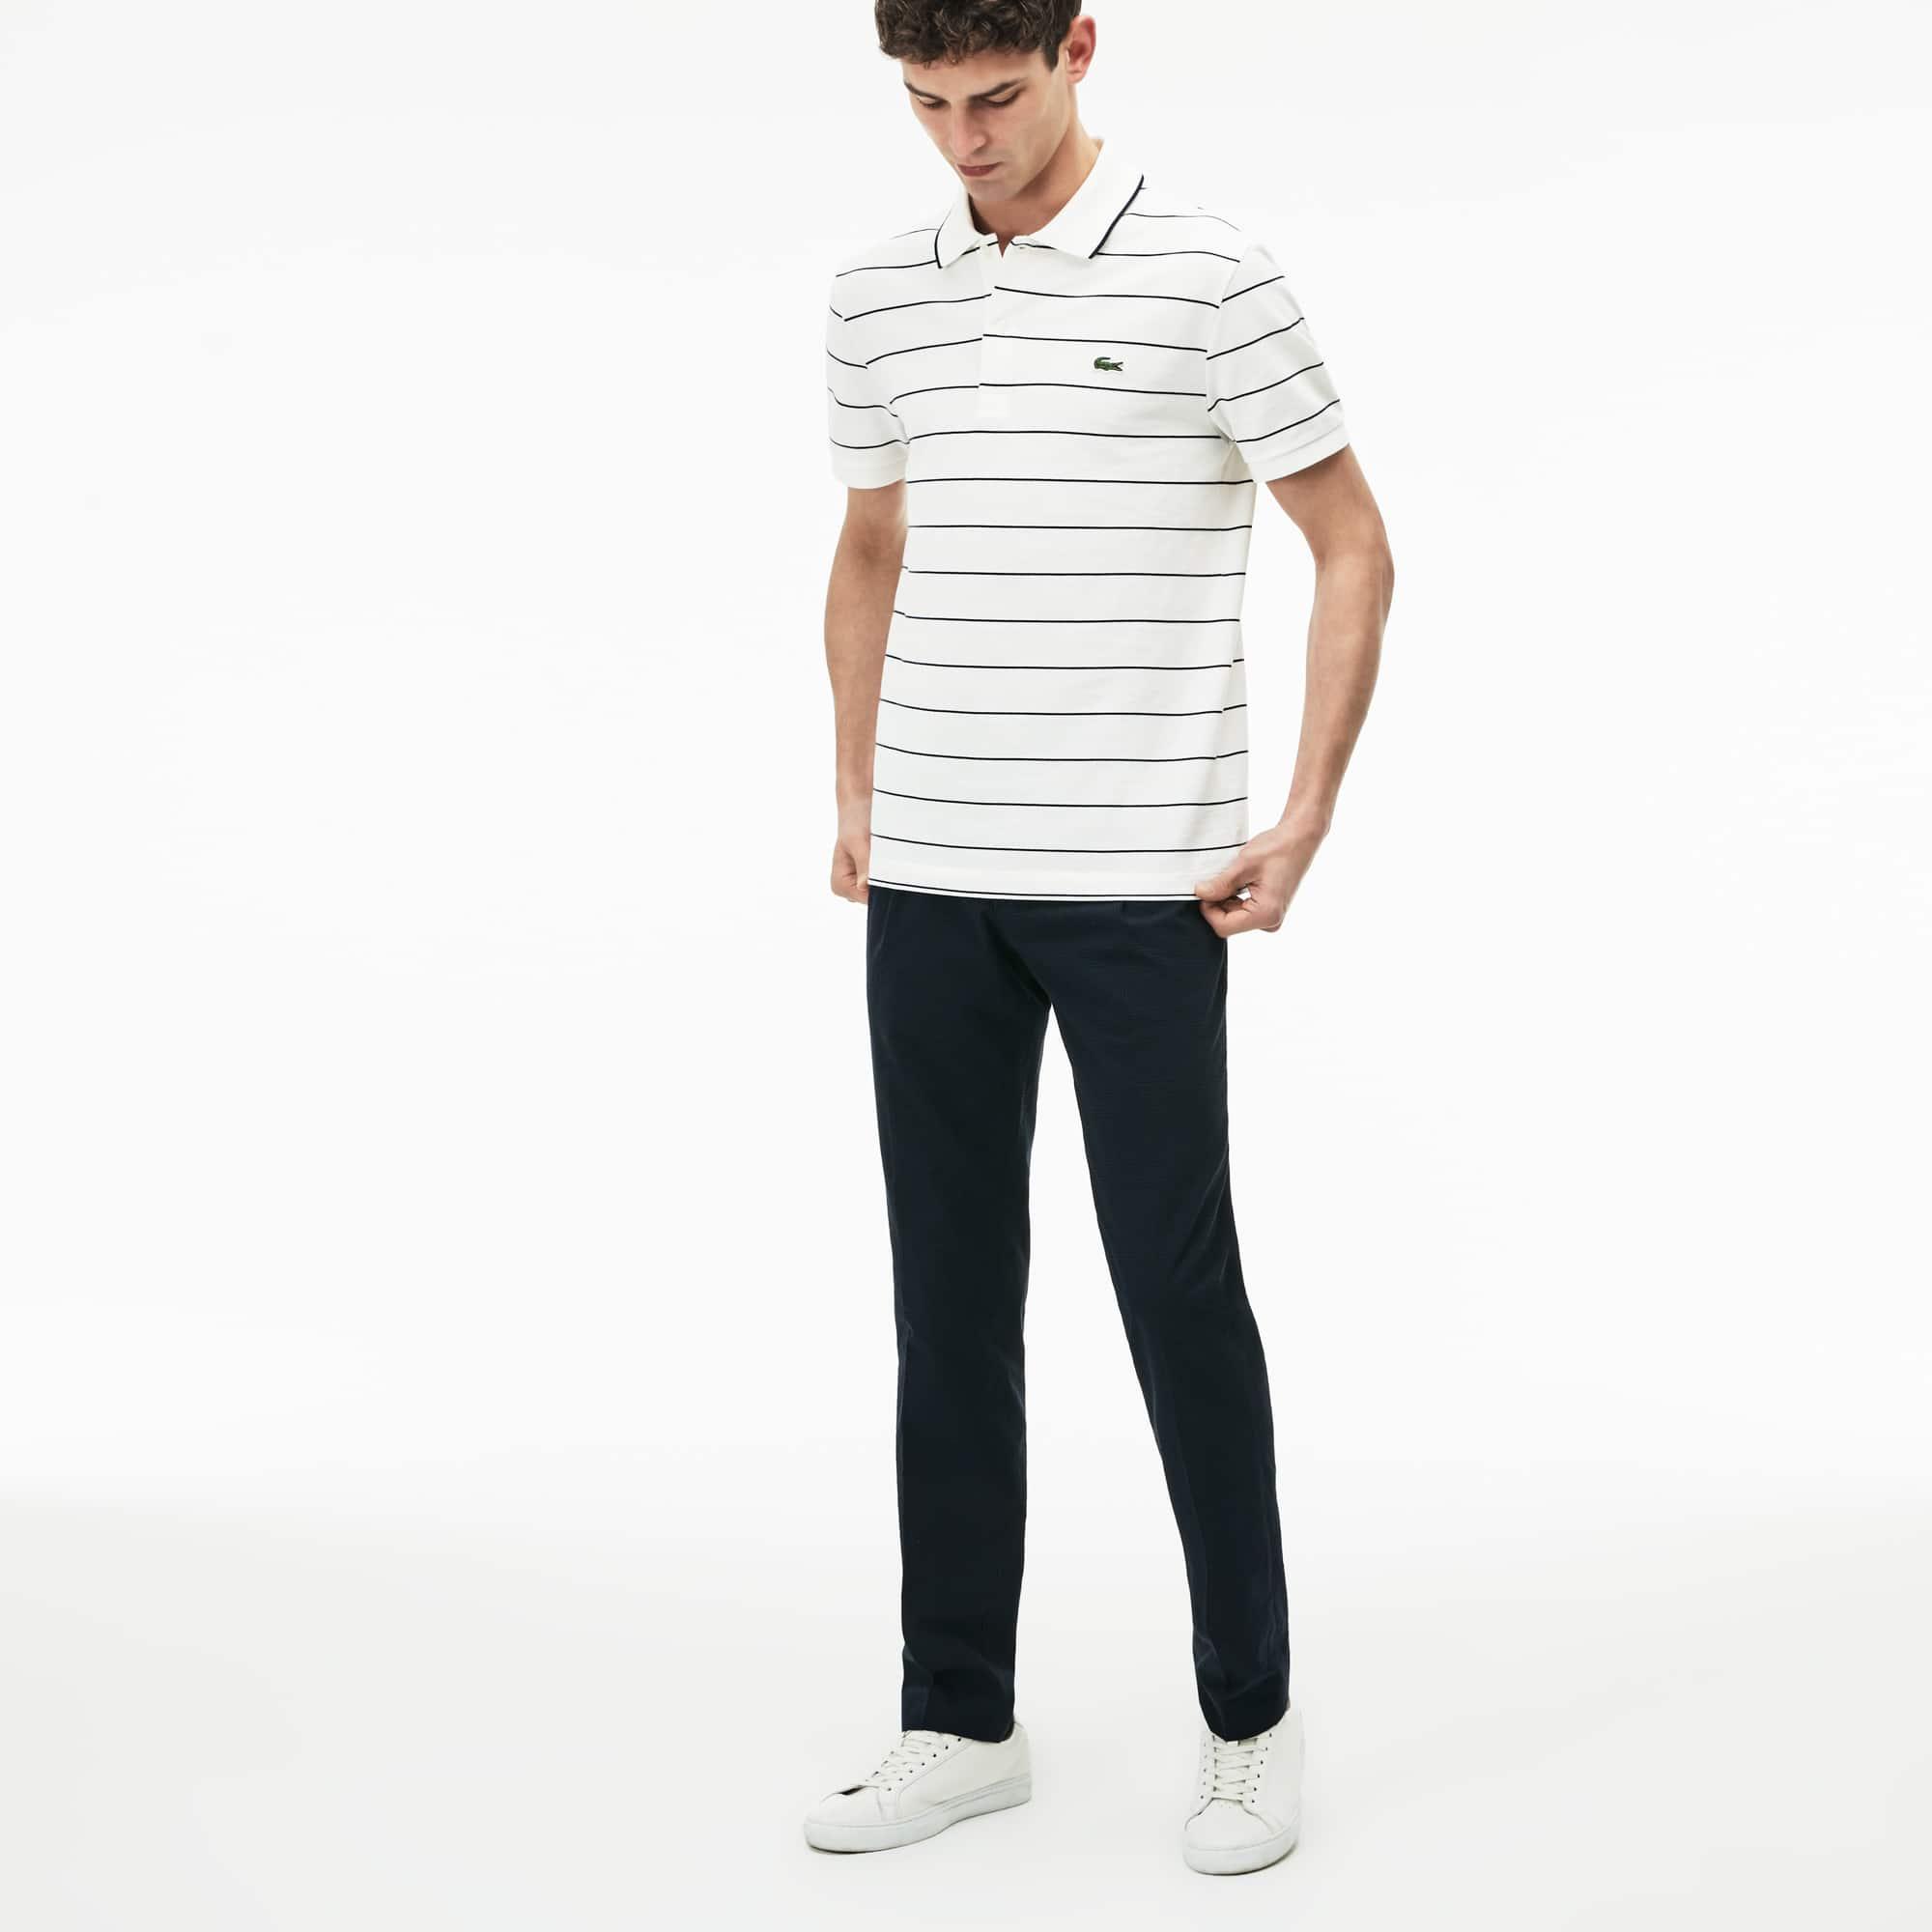 Pantalón chino con pinzas slim fit de seersucker de cuadros